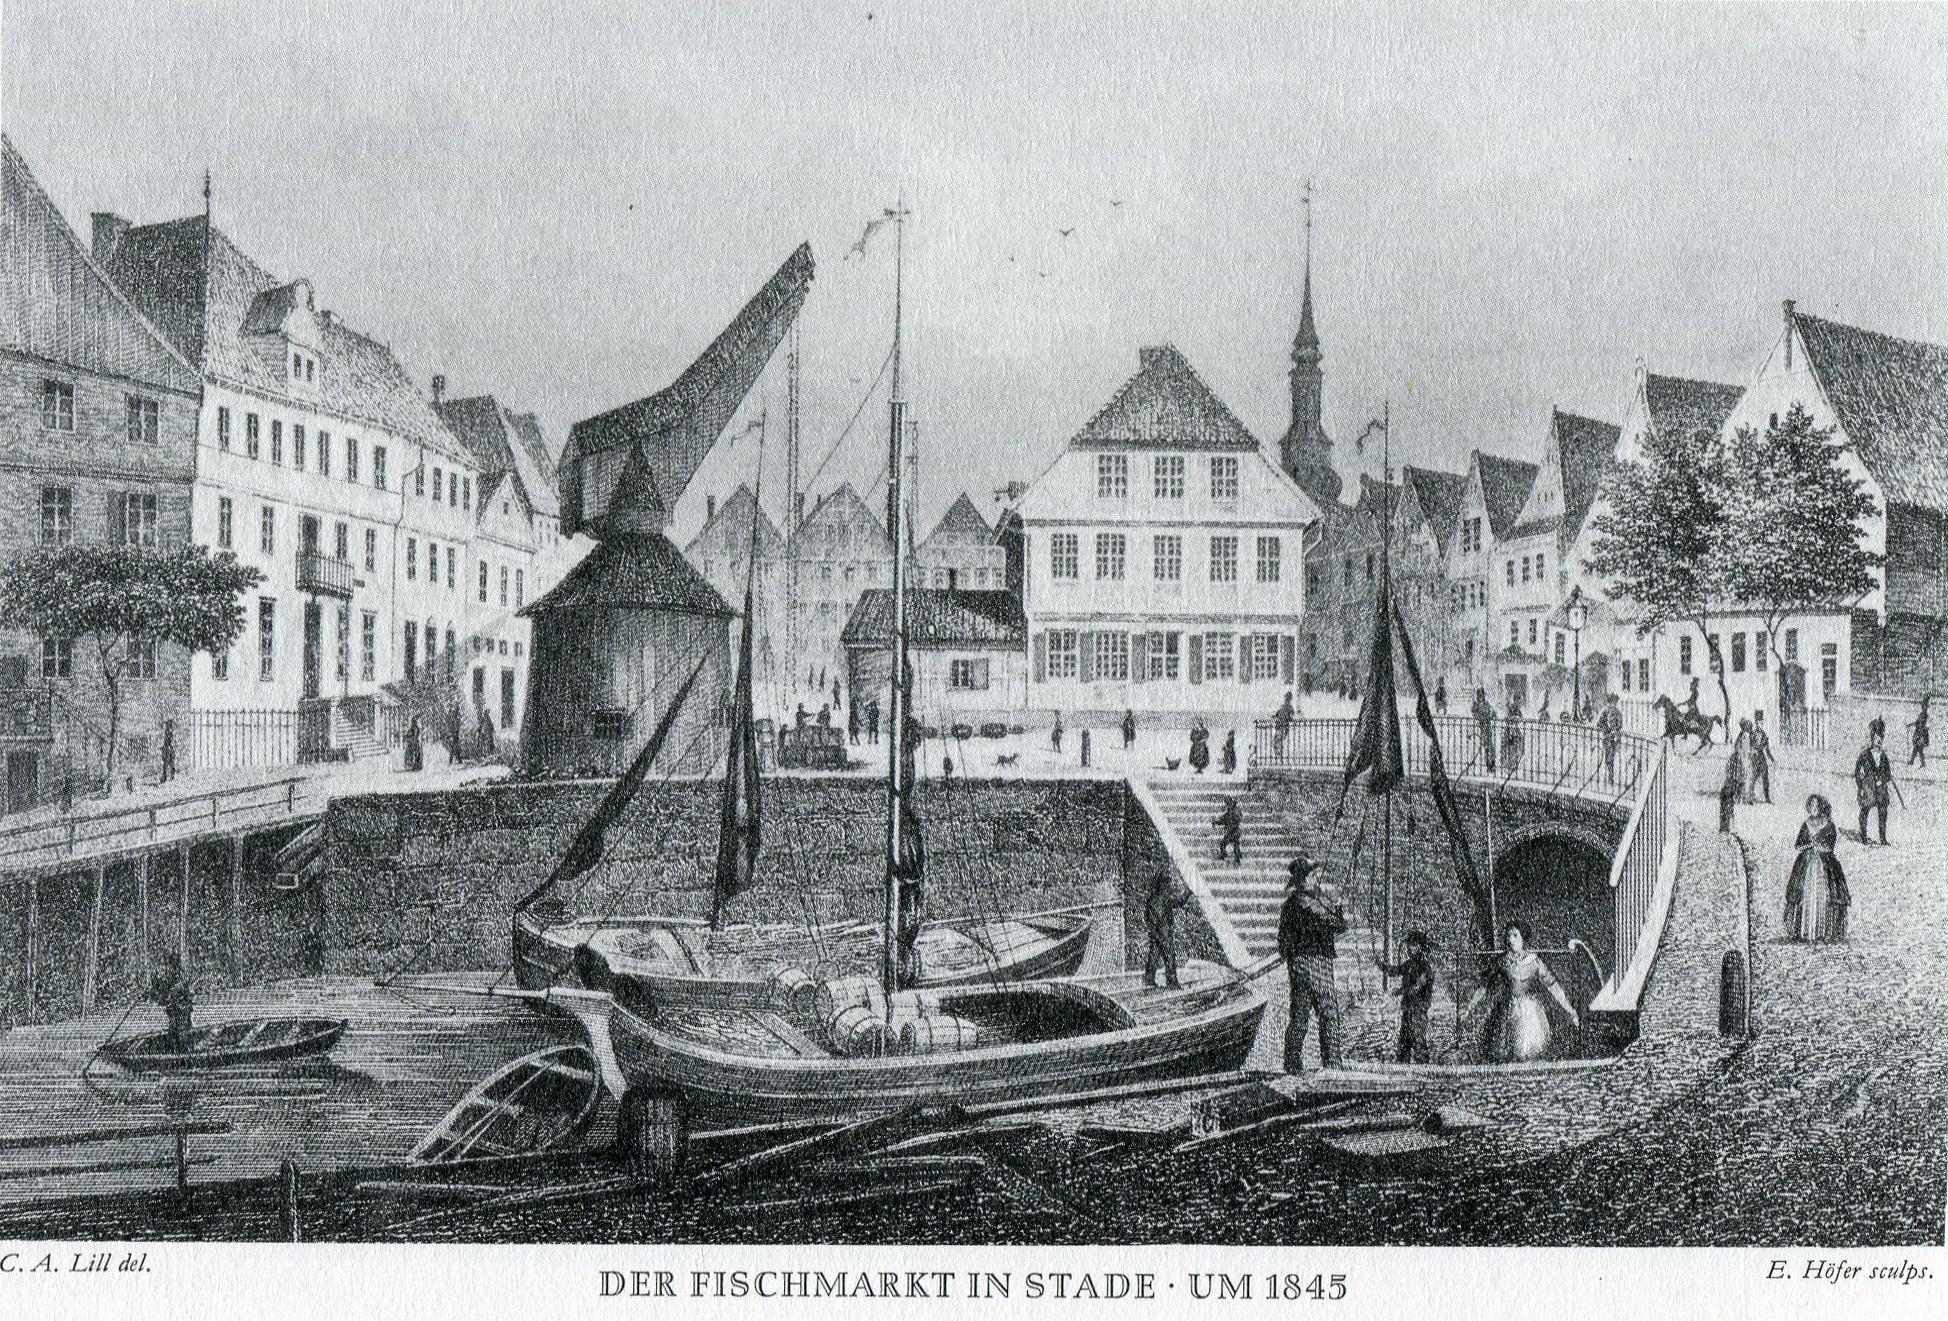 File:Stade Fischmarkt 1845.jpg